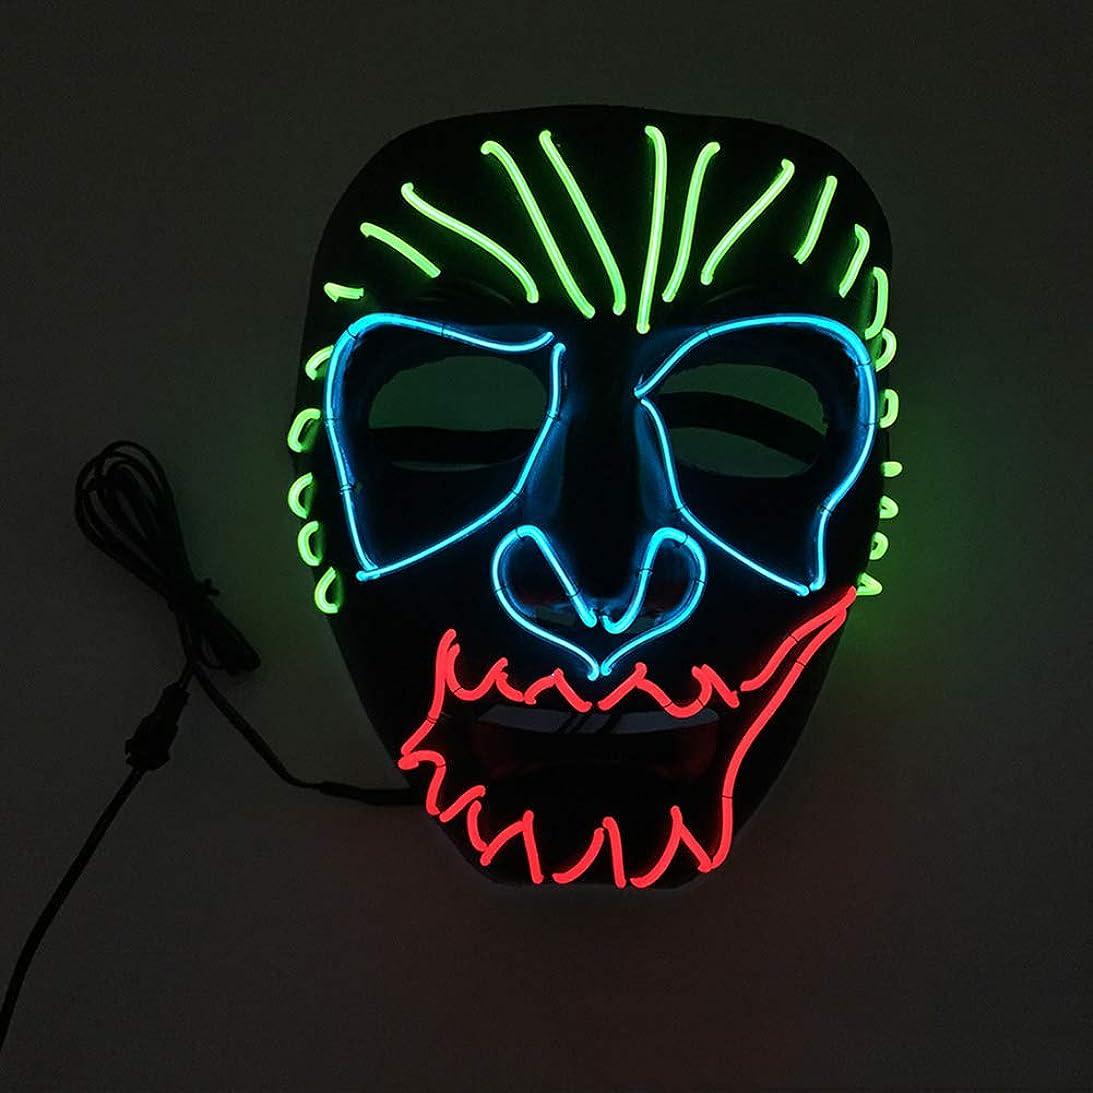 生じるシートファーザーファージュハロウィン イーグルキング クール テロ LED マスク コスプレ 化粧 プロム パーティー イルミネーション マスク (18×18Cm) MAG.AL